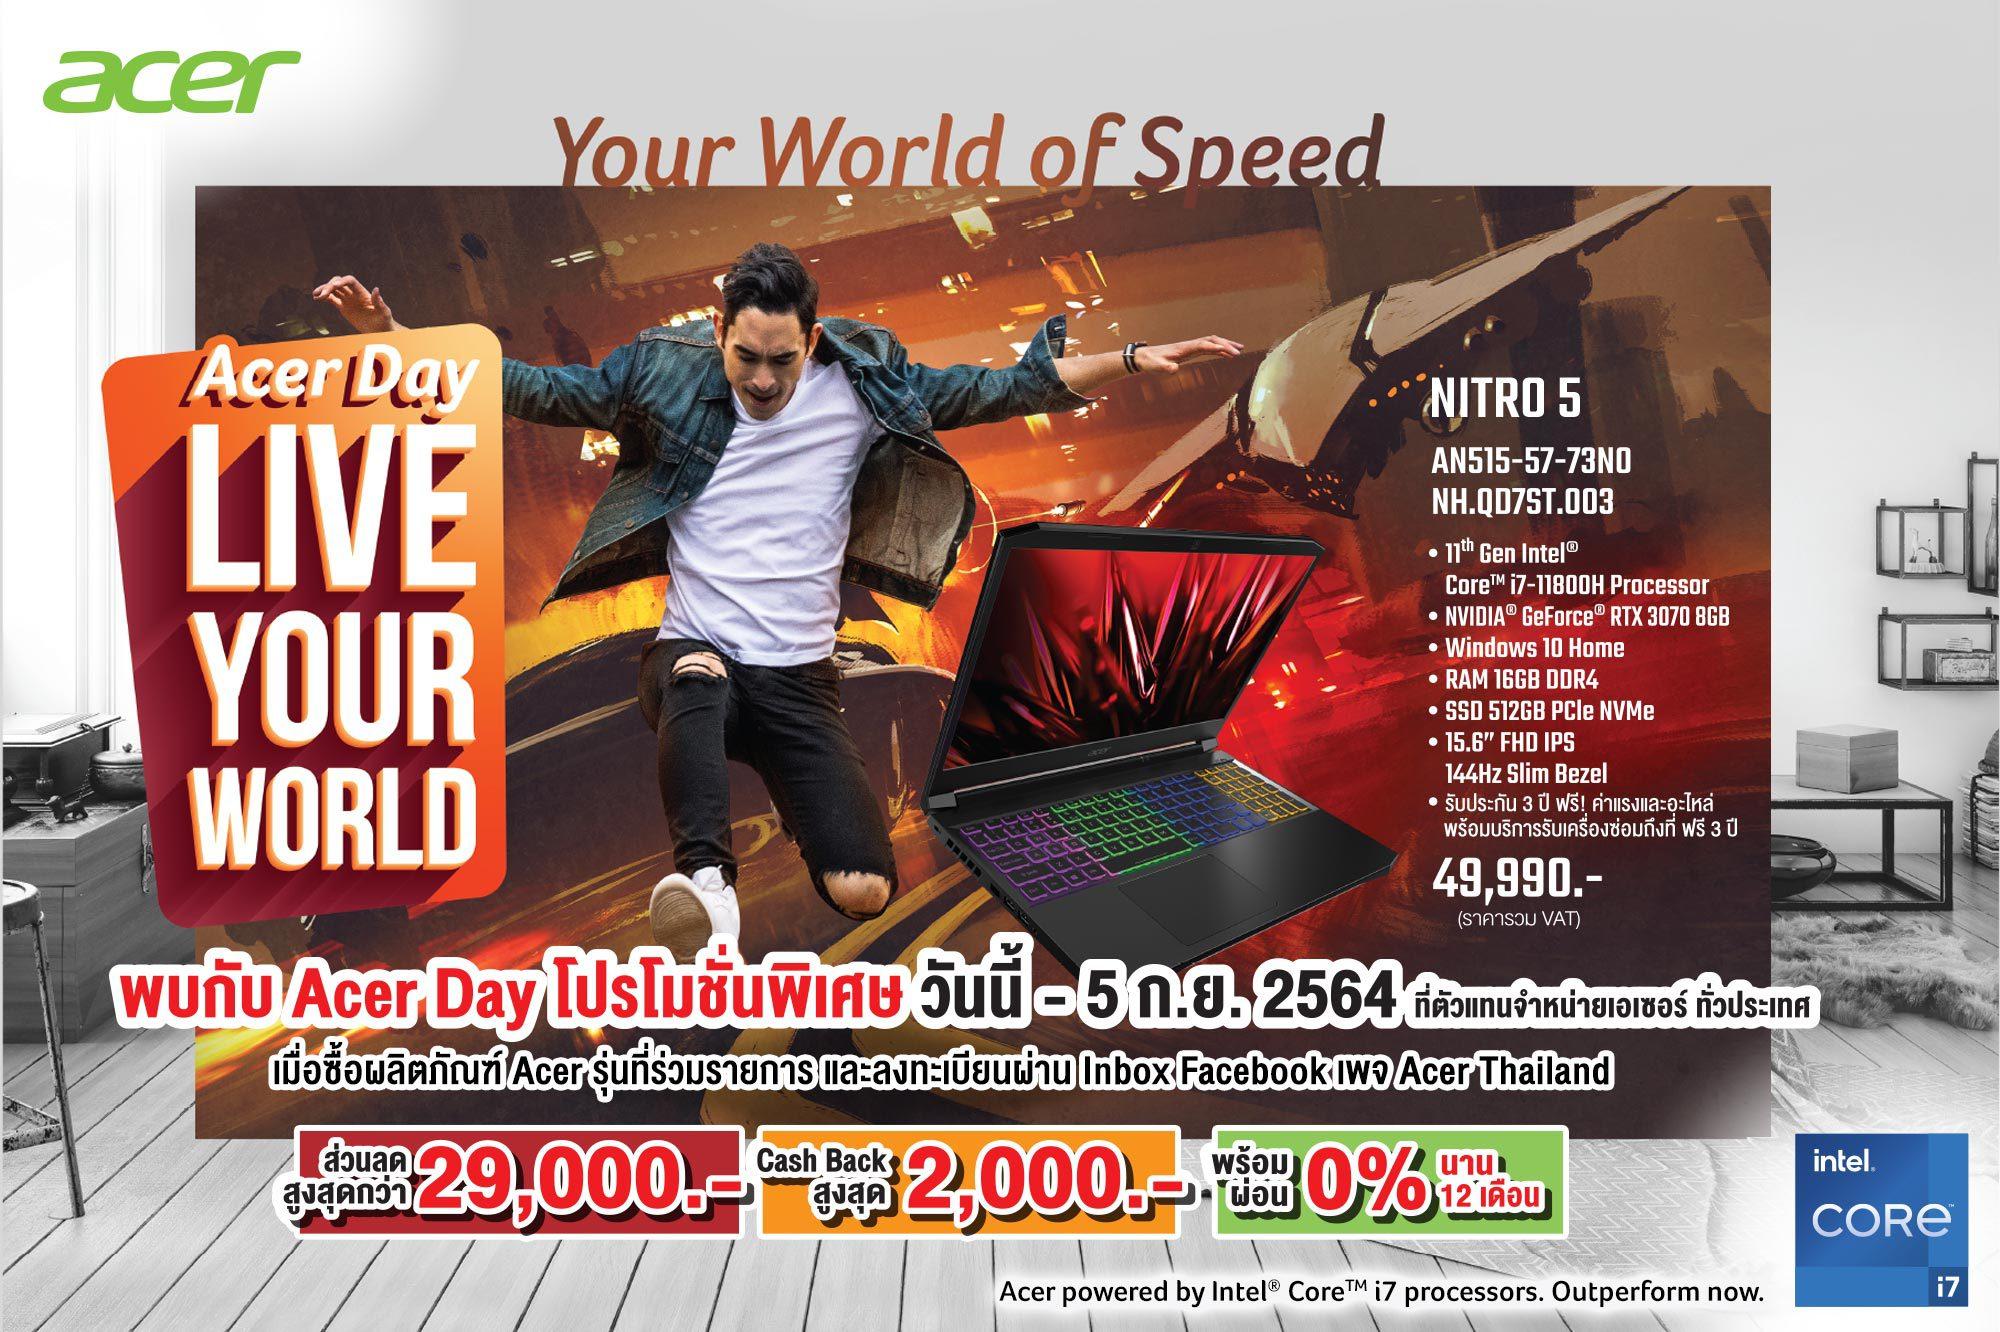 เอเซอร์จัดงาน Acer Day ภายใต้ธีม 'Live Your World' เวอร์ชวลแคมเปญประจำปีระดับภูมิภาคเอเซียแปซิฟิก พบผลิตภัณฑ์ โปรโมชั่น และแคชแบคสุดคุ้ม